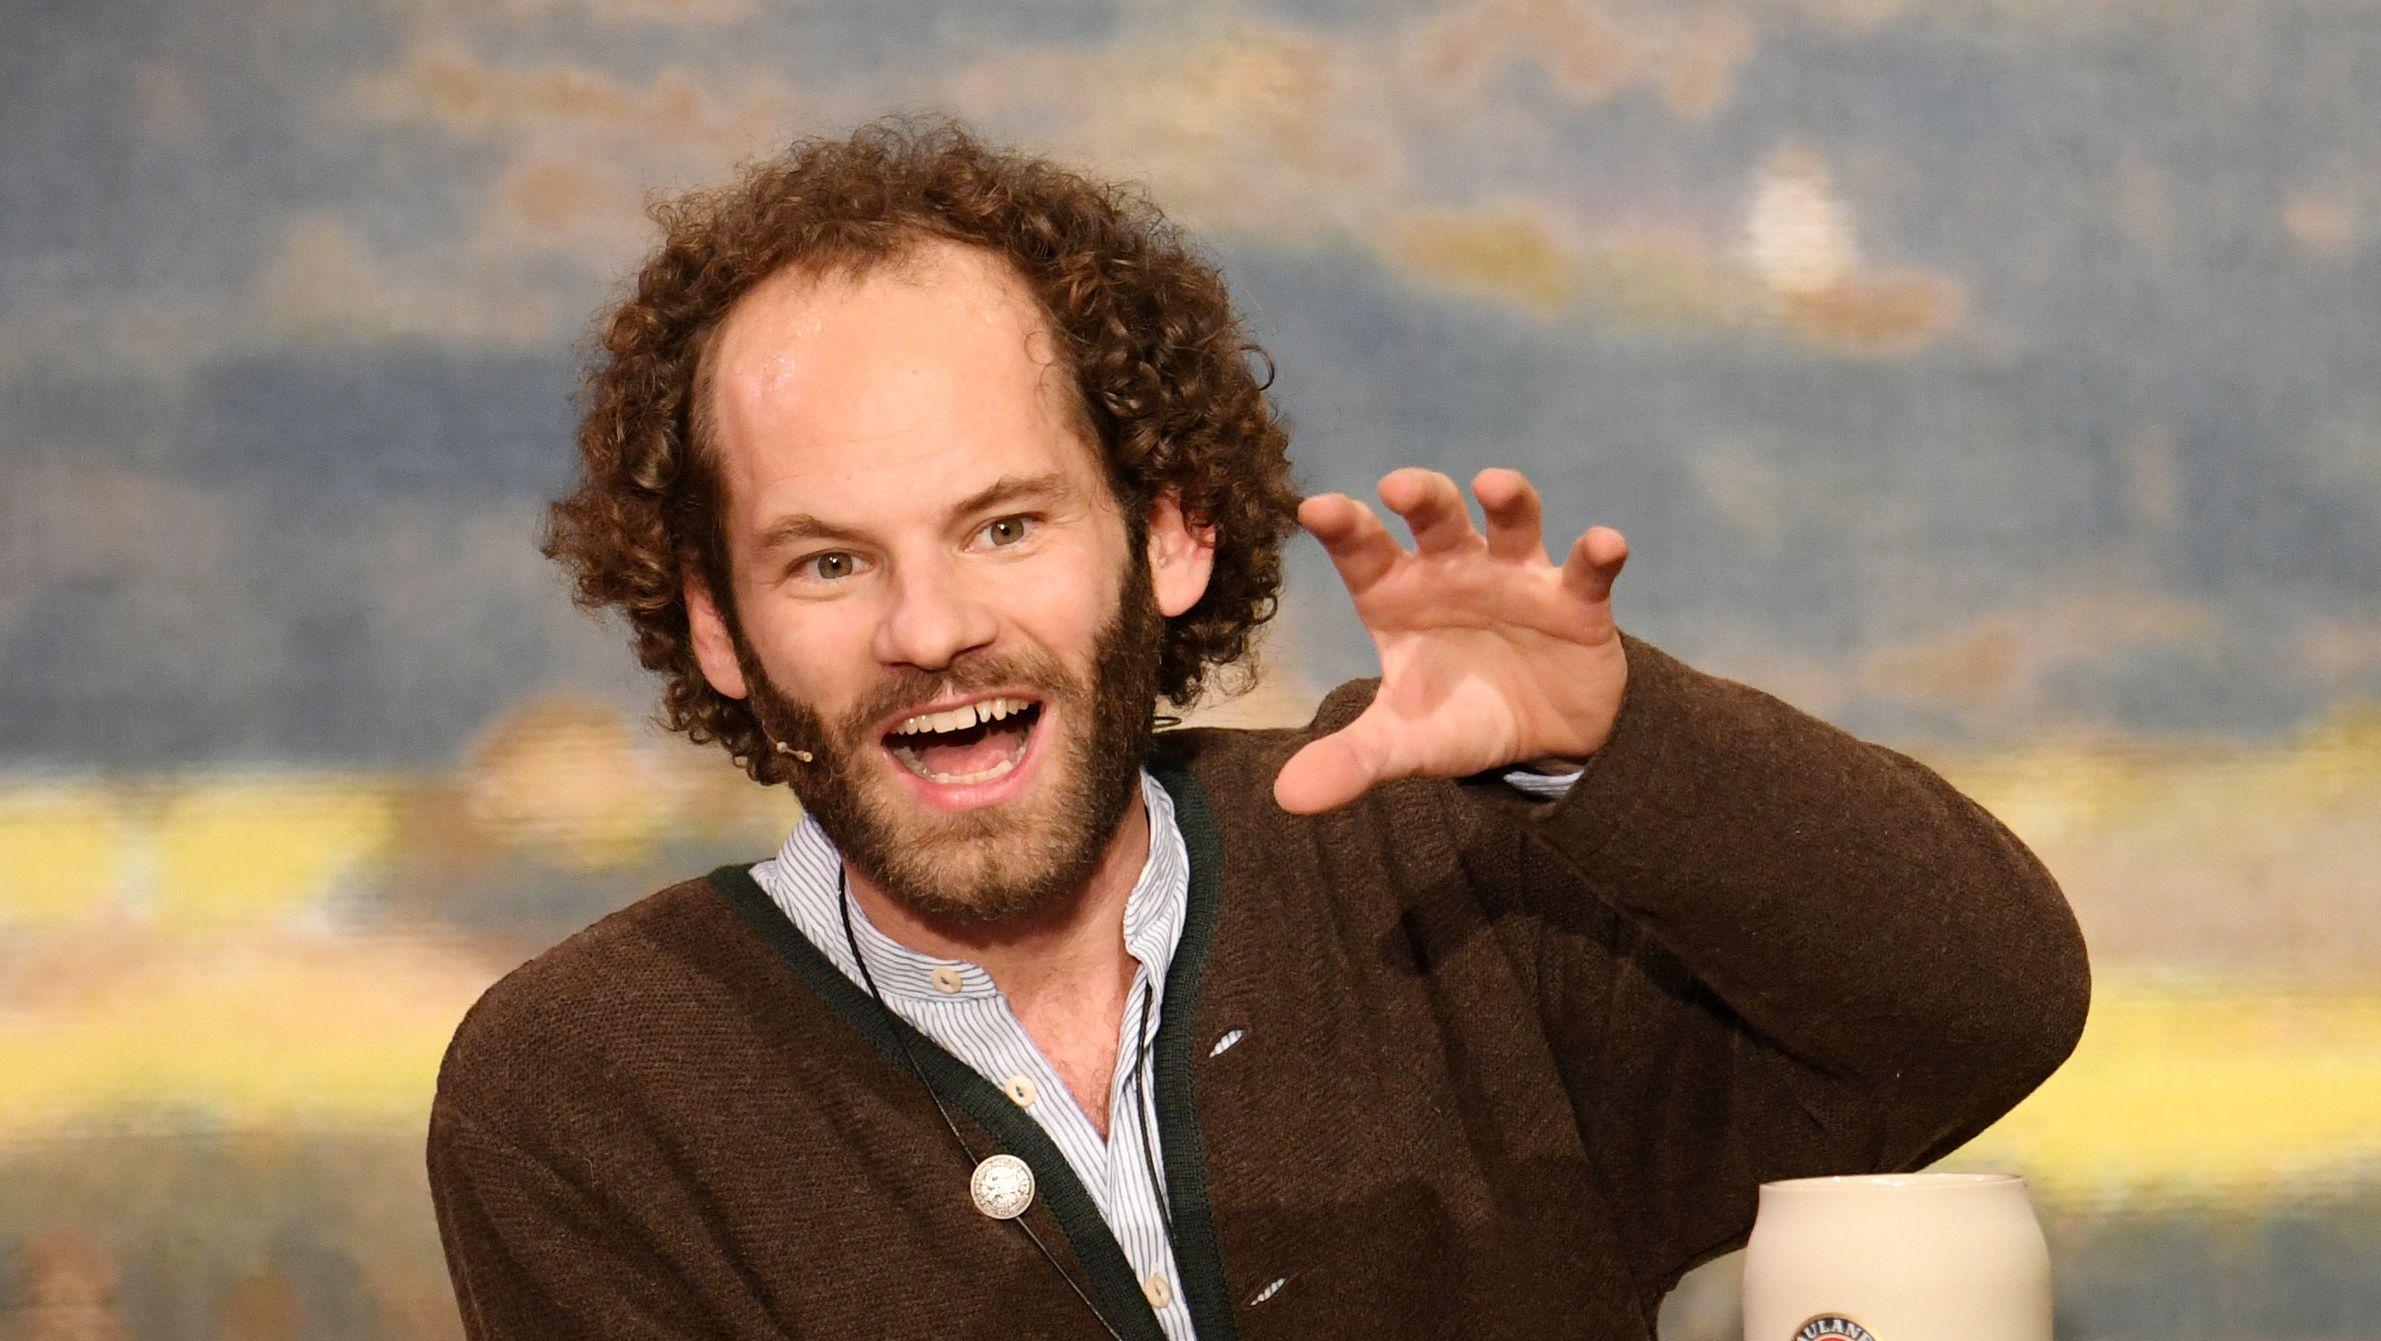 Der Kabarettist Maxi Schafroth am Rednerpult.